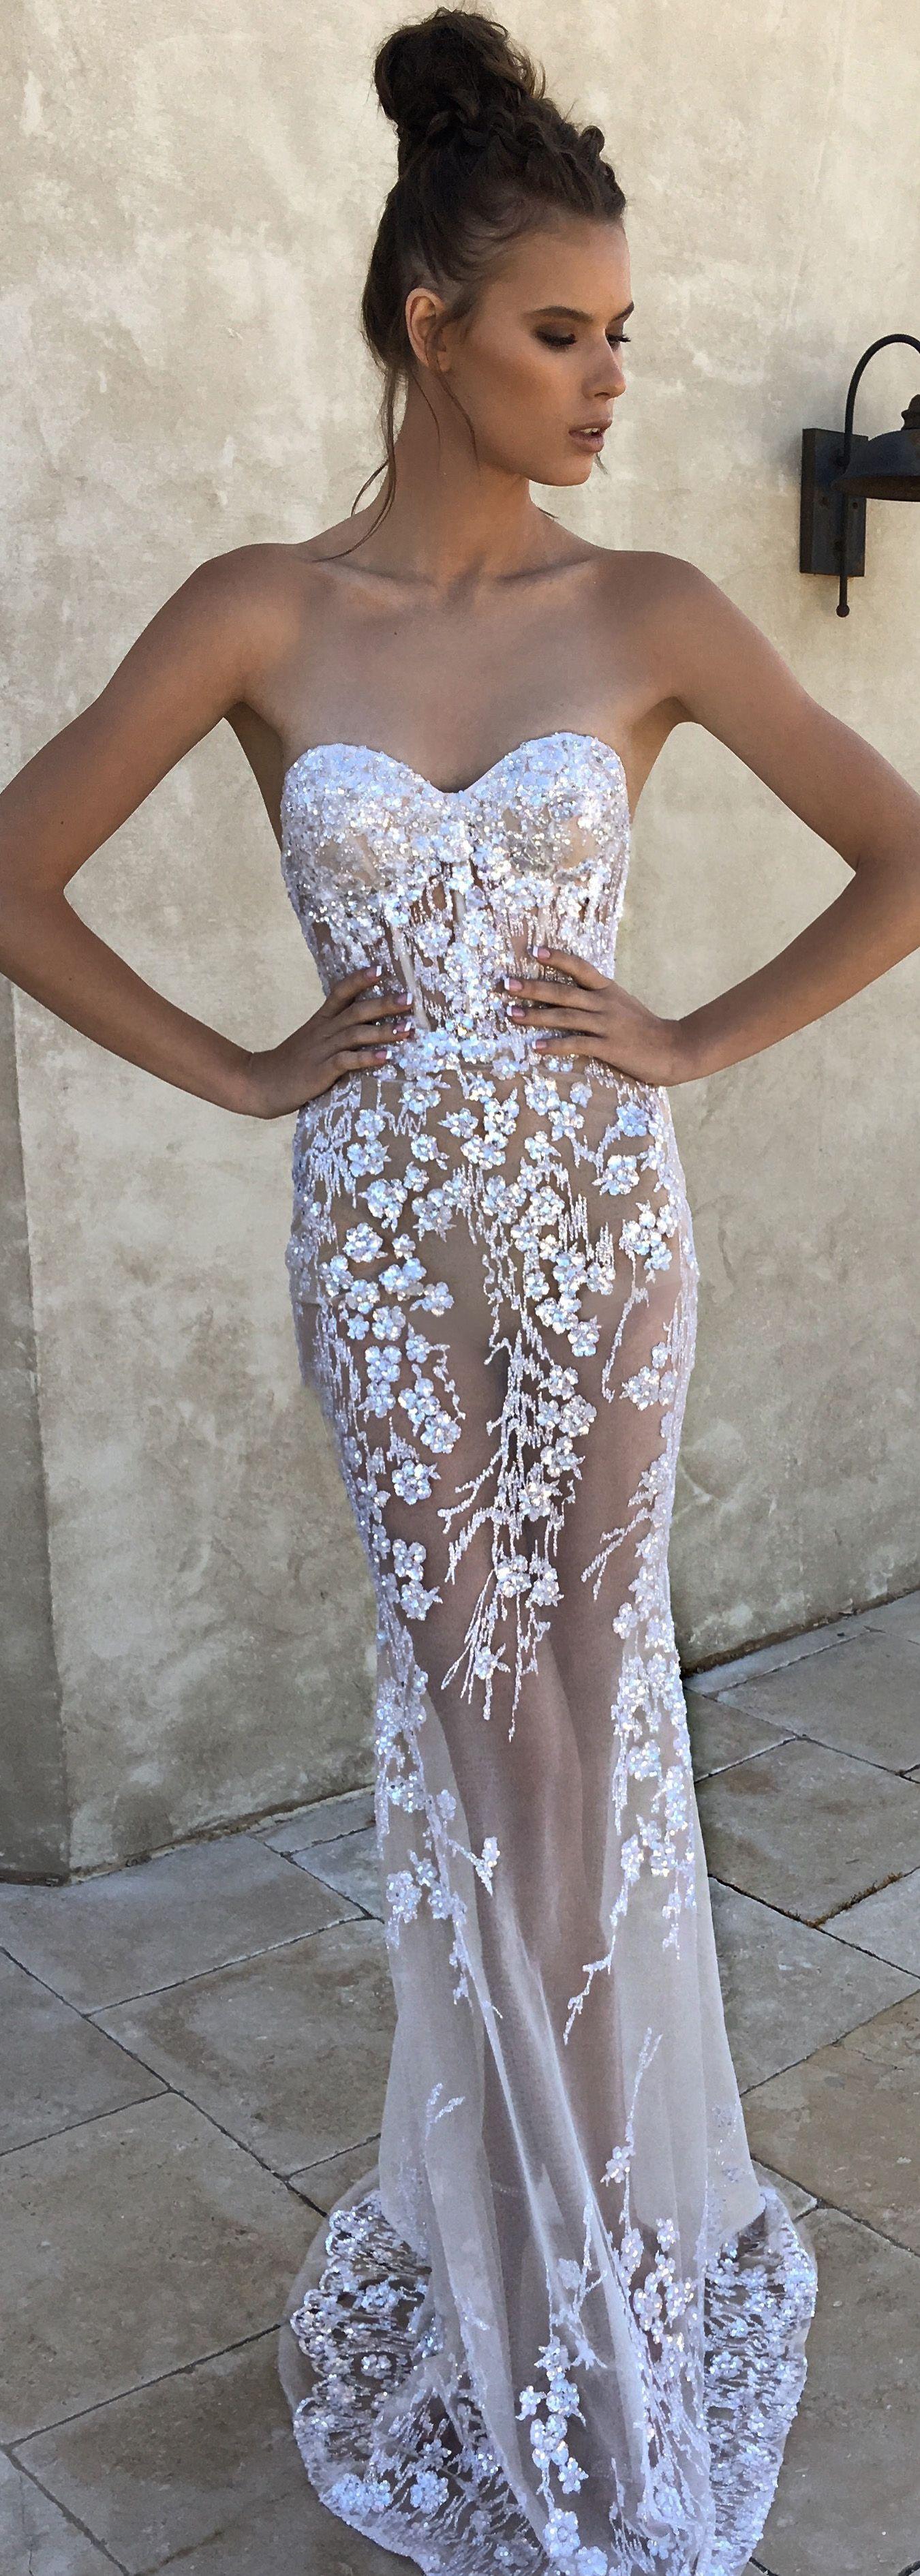 41+ Strapless lace wedding dress neckline ideas in 2021